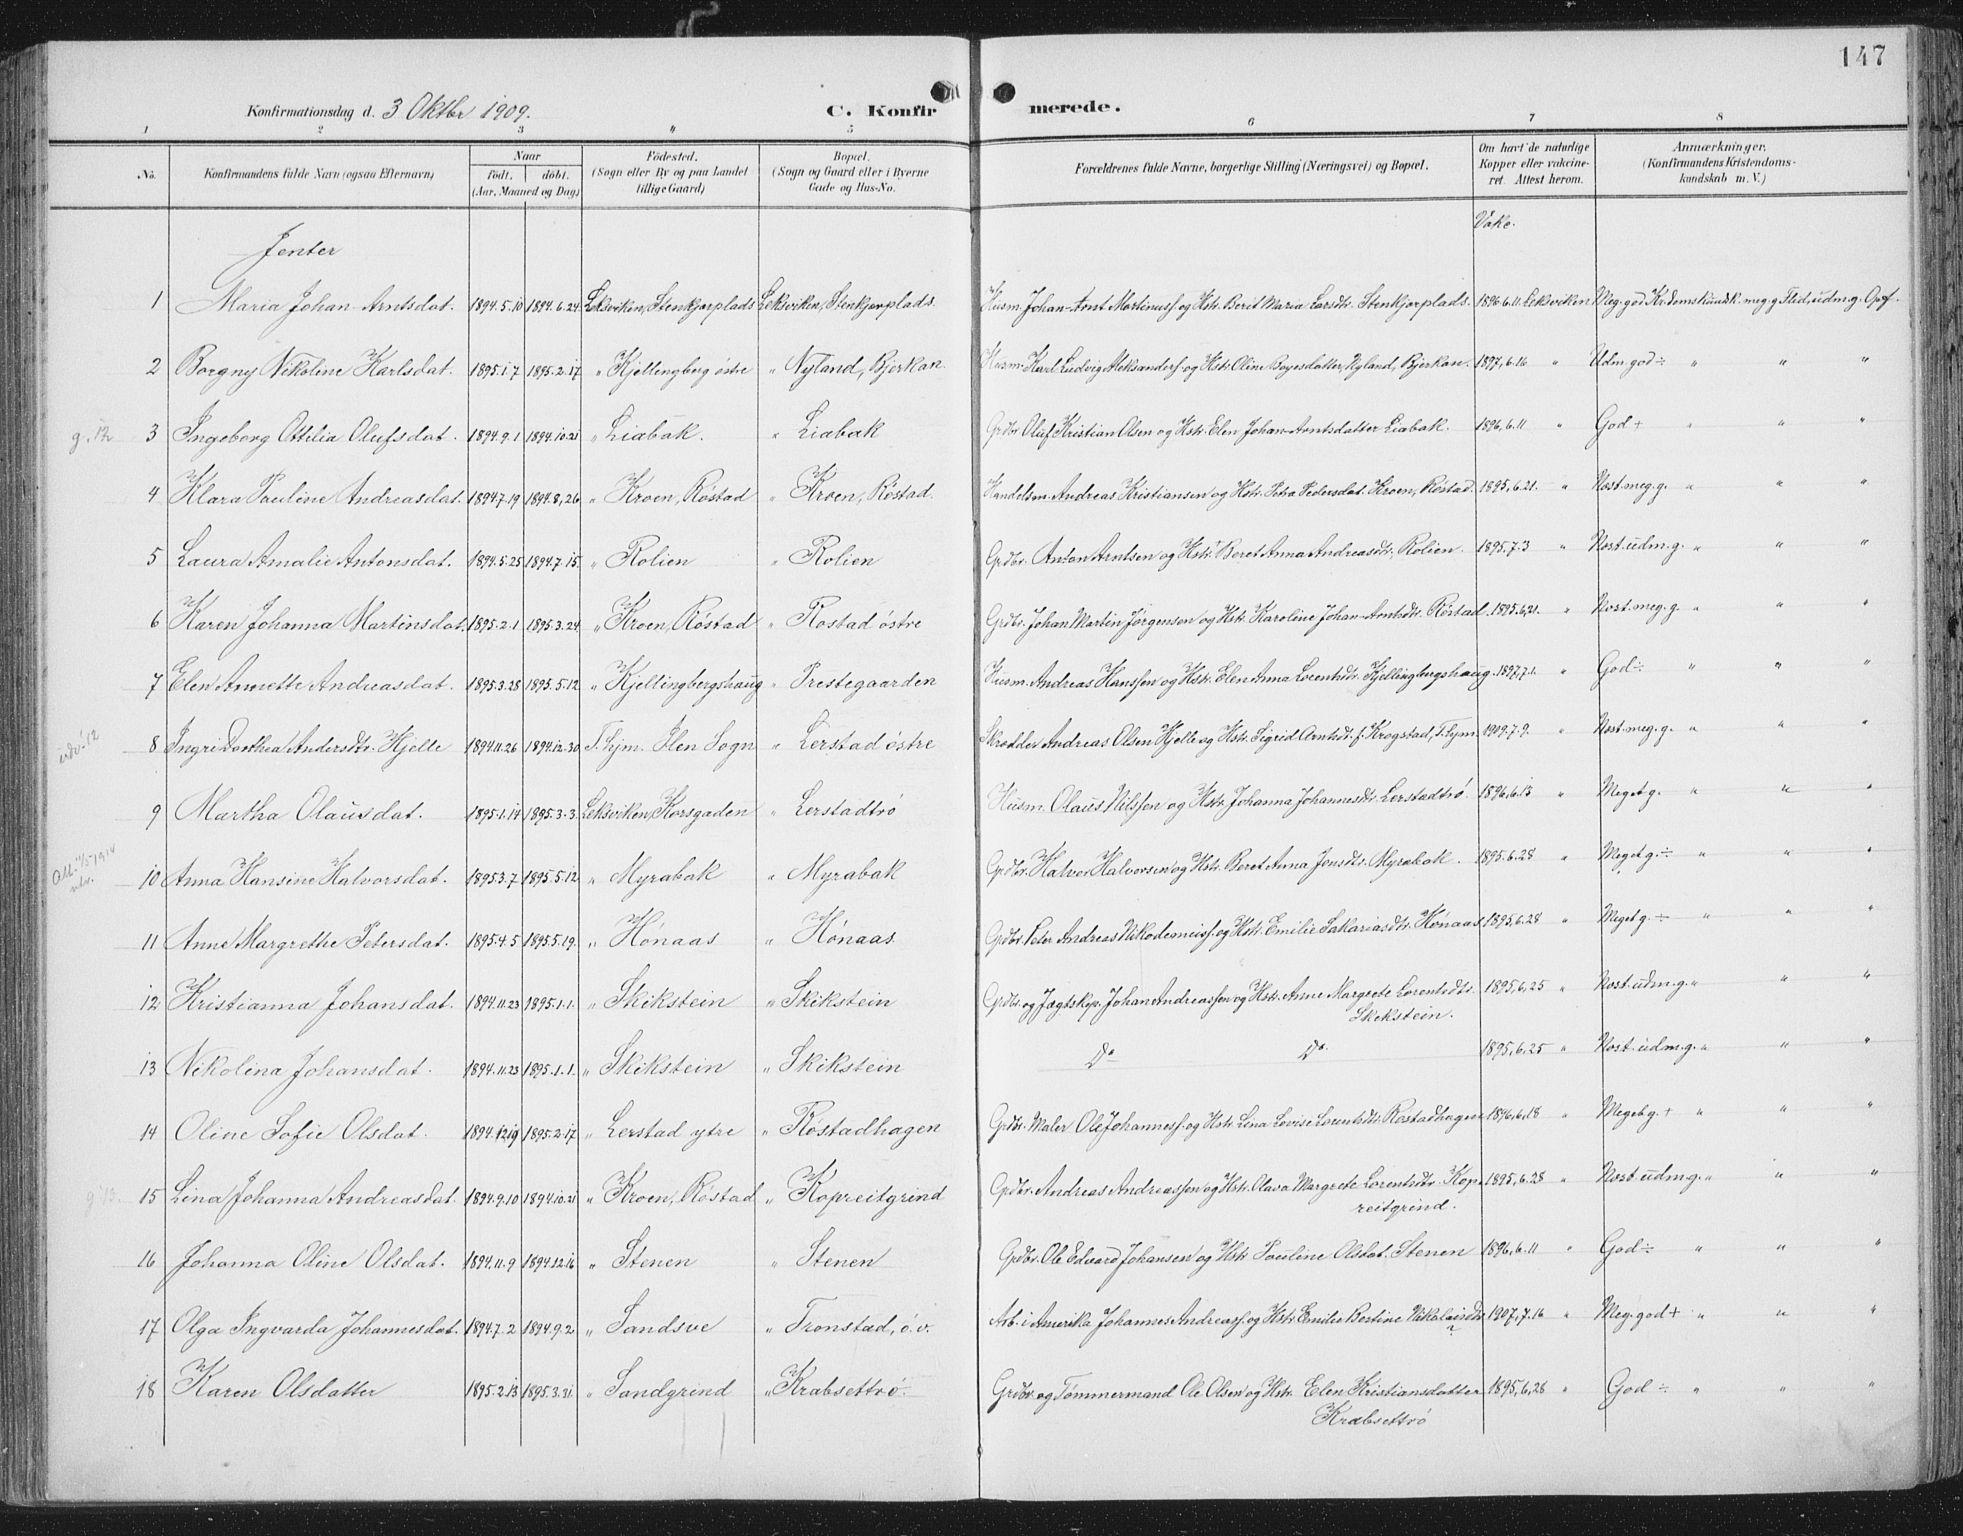 SAT, Ministerialprotokoller, klokkerbøker og fødselsregistre - Nord-Trøndelag, 701/L0011: Ministerialbok nr. 701A11, 1899-1915, s. 147